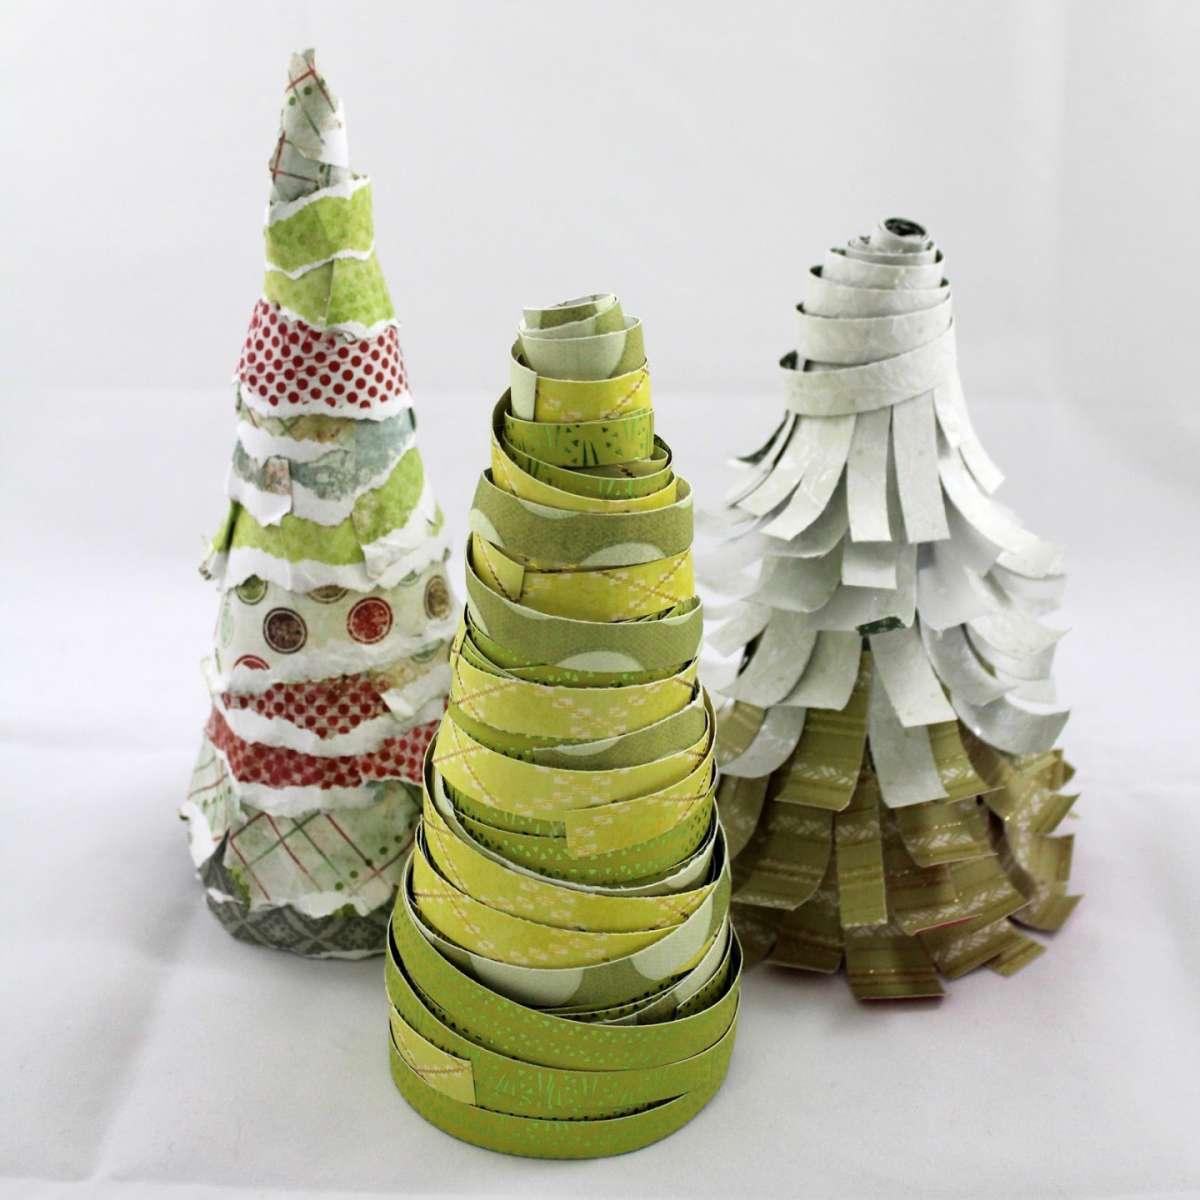 Lavoretti Di Natale Fai Da Te Di Carta.Alberi Di Natale Di Carta Dal Giornale Agli Origami